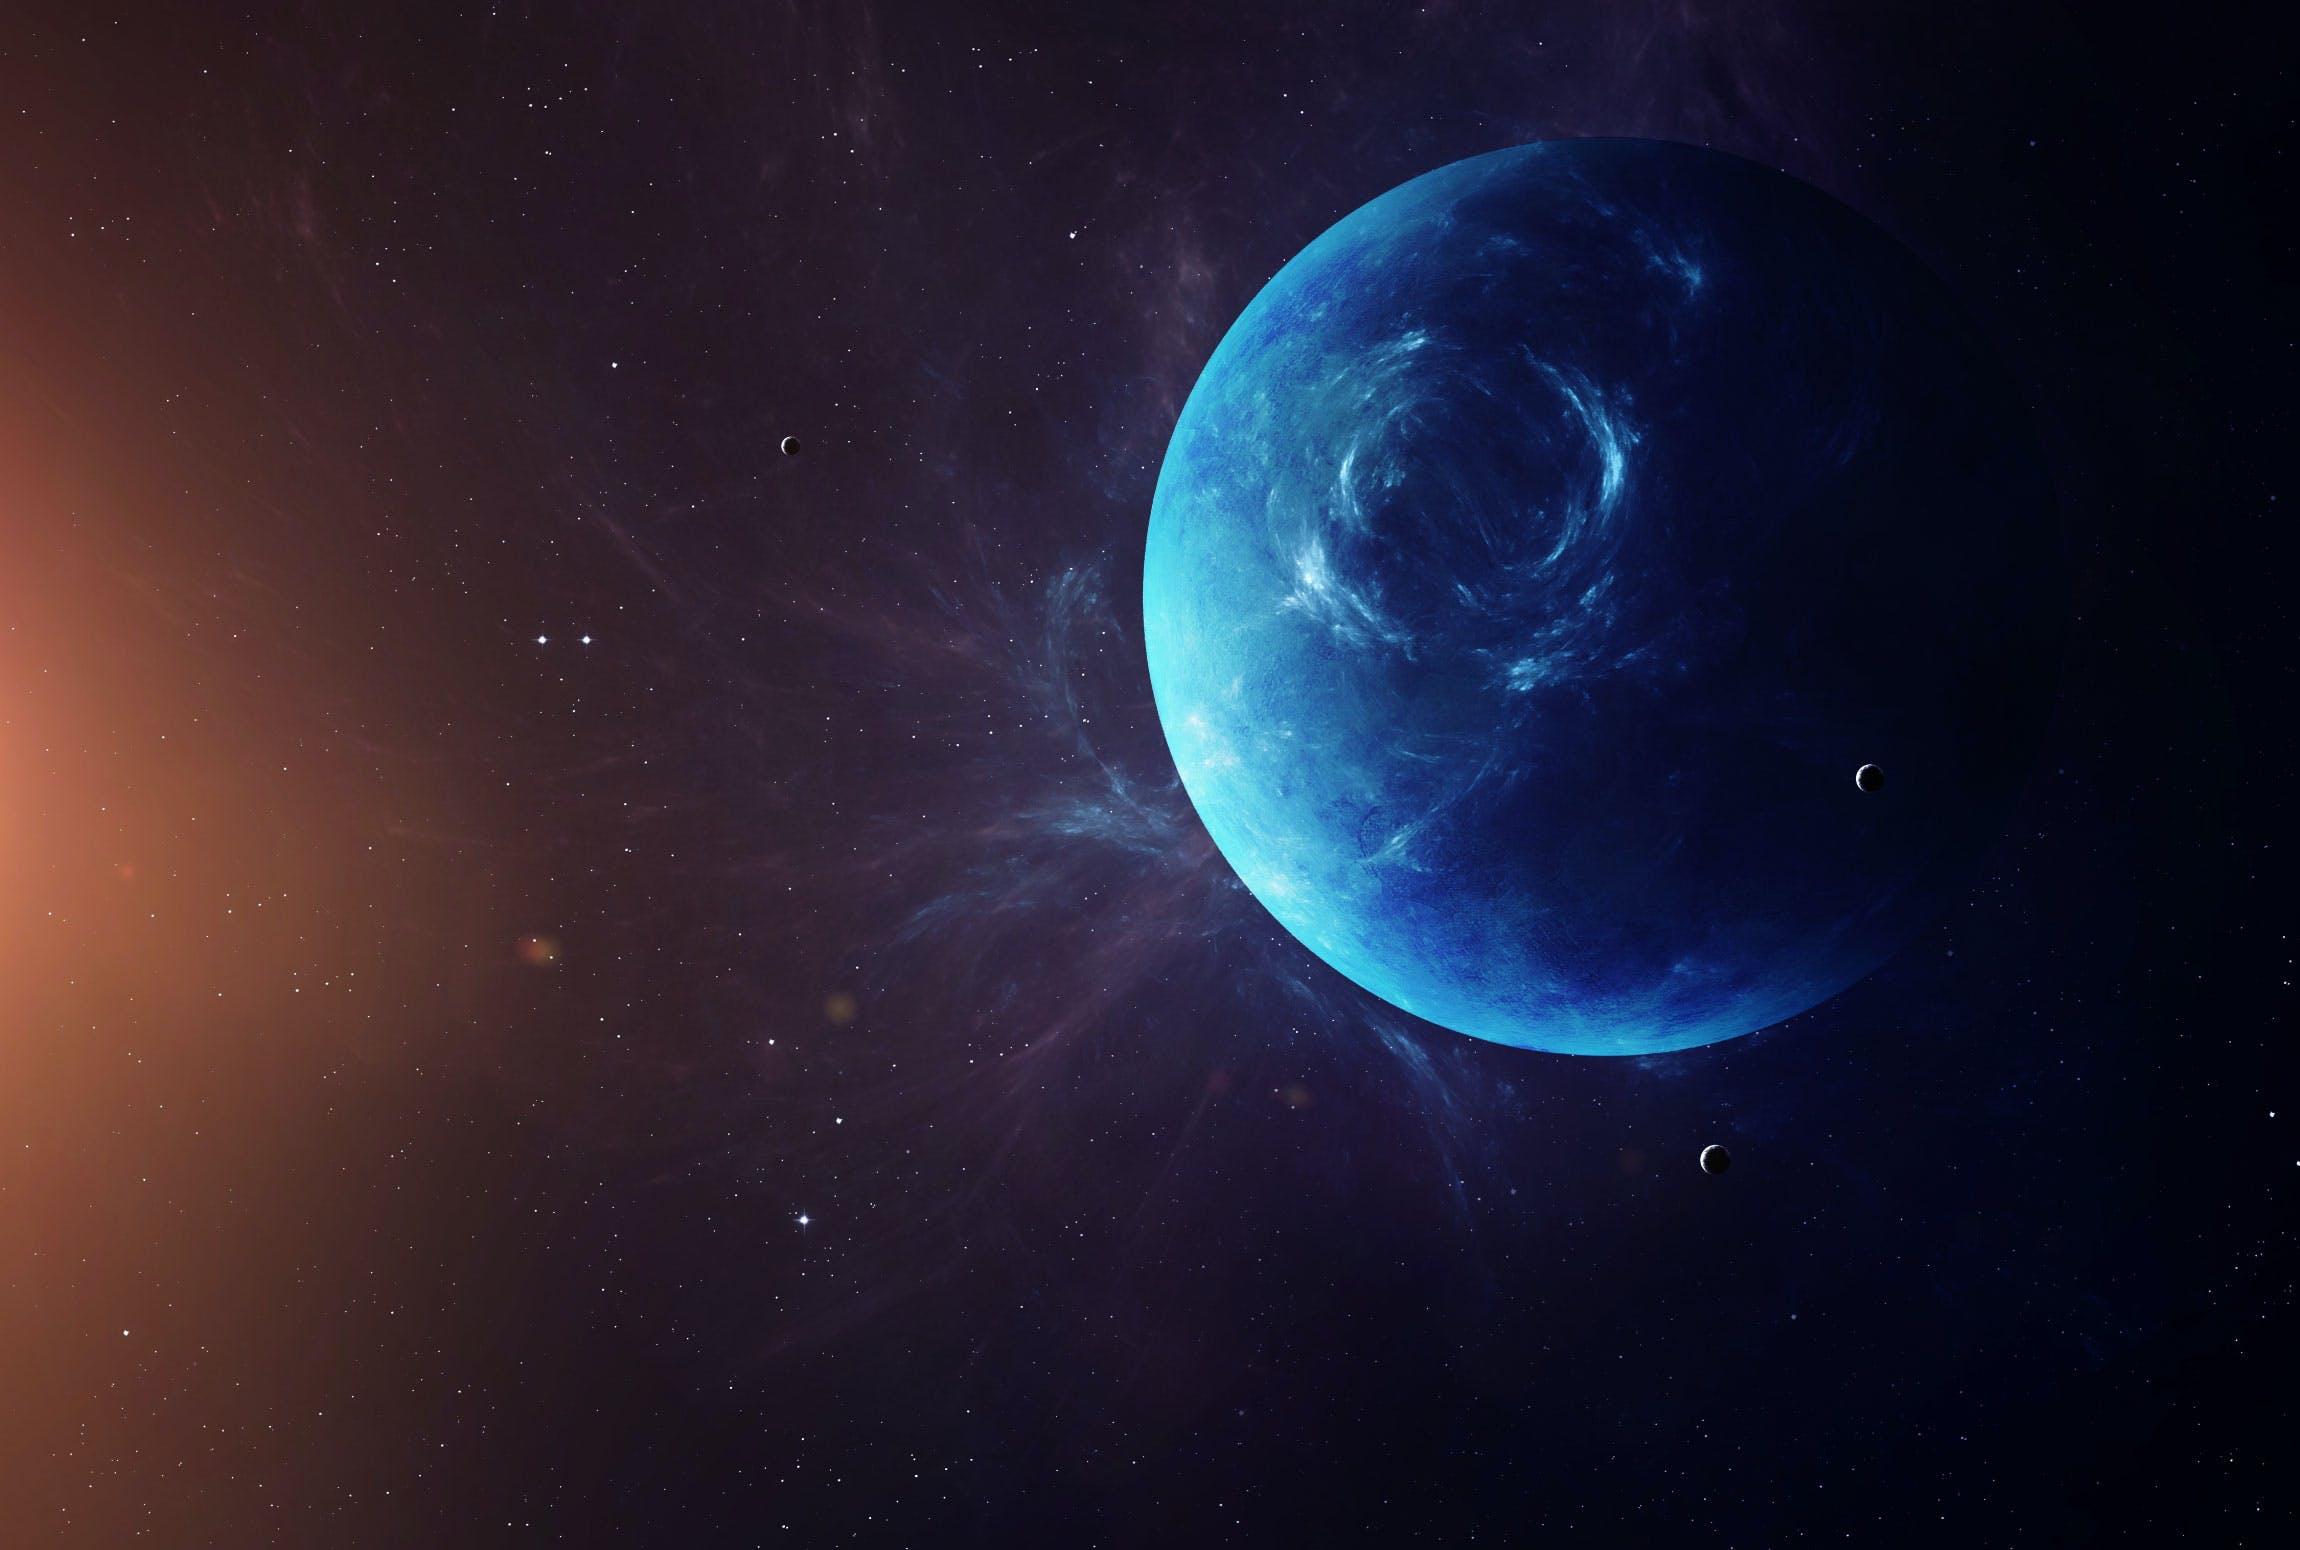 Fakta om Neptunus